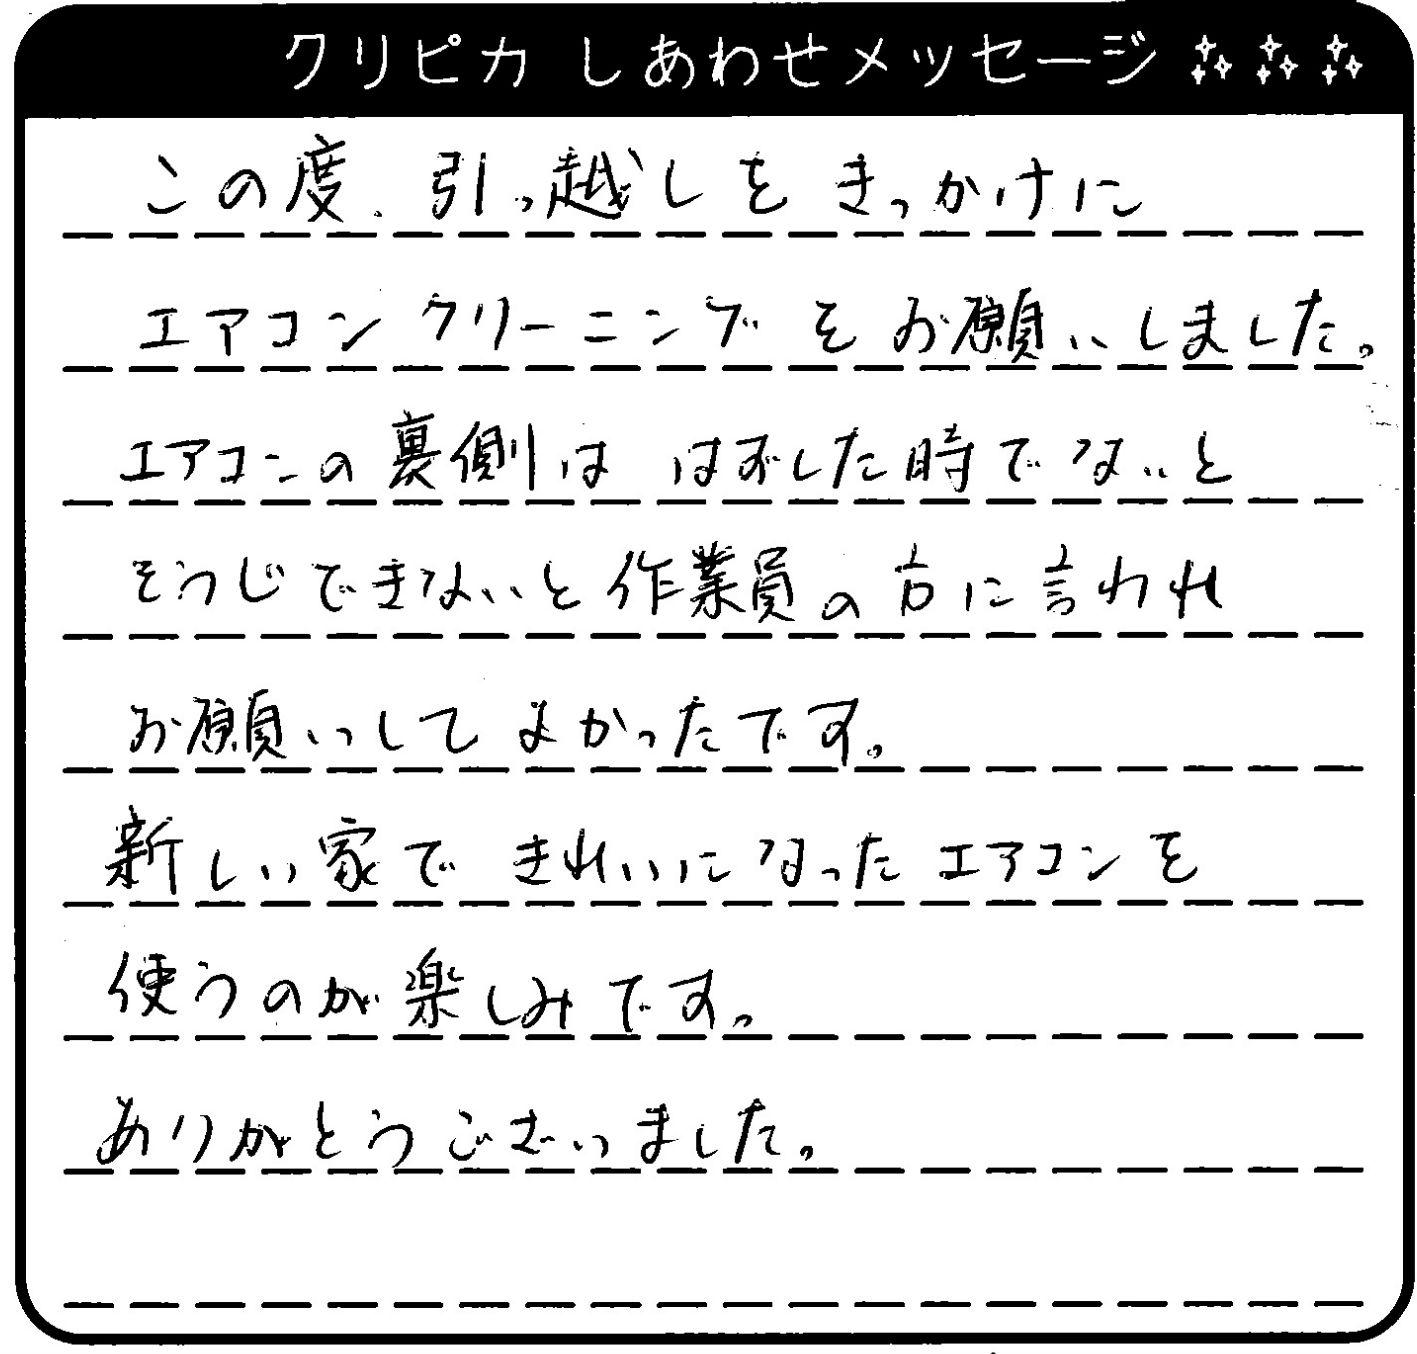 大阪府 K様からのしあわせメッセージ